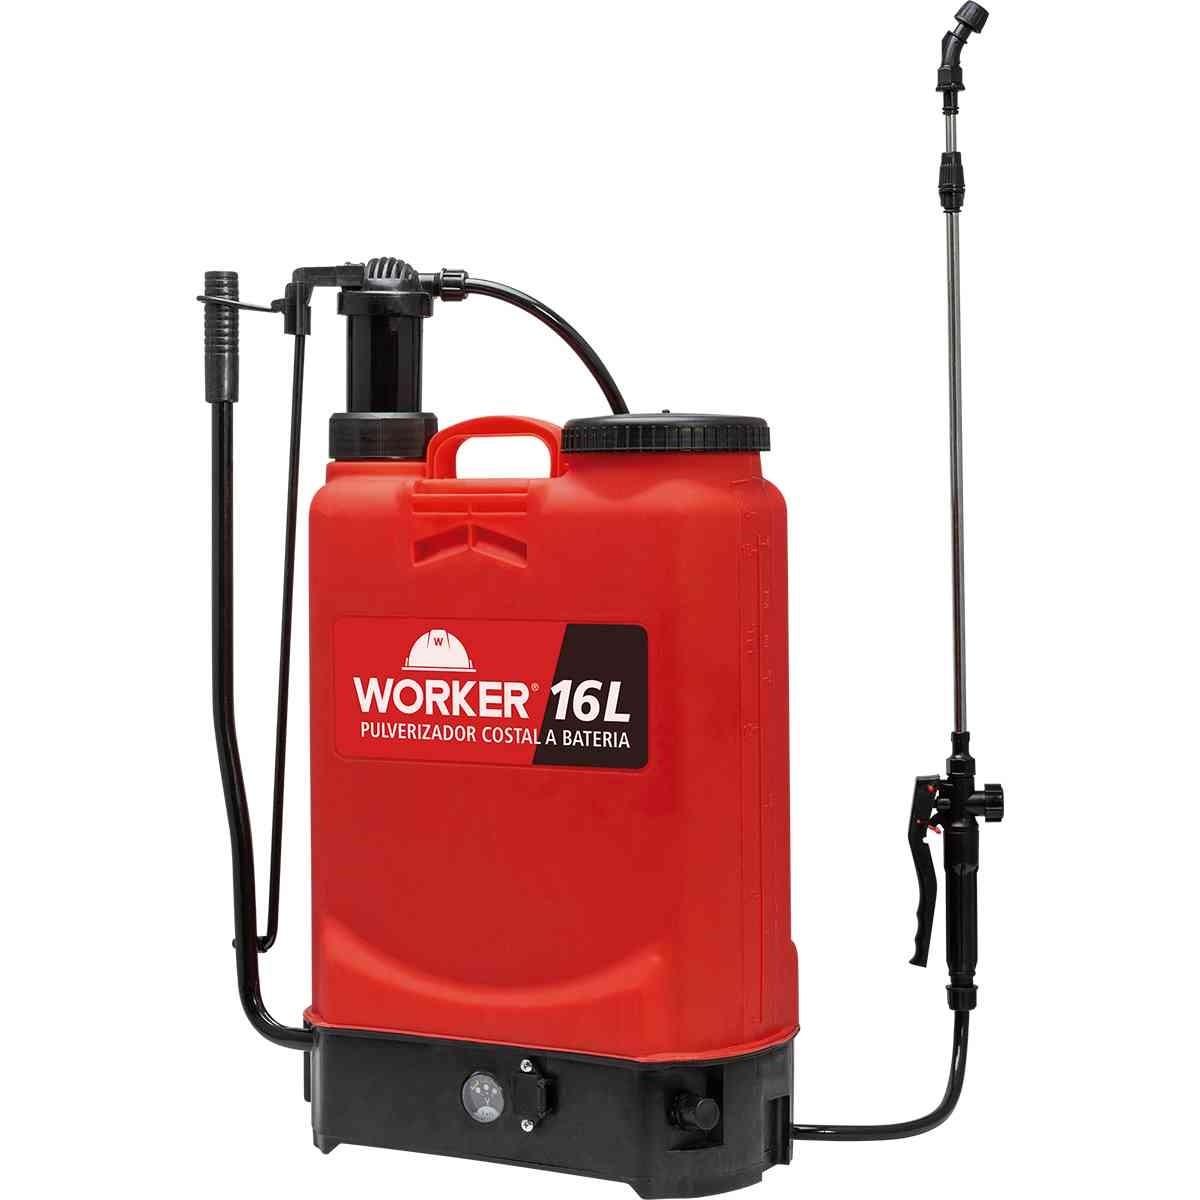 Pulverizador Costal  2 em 1 A Bateria 16 Litros  Worker